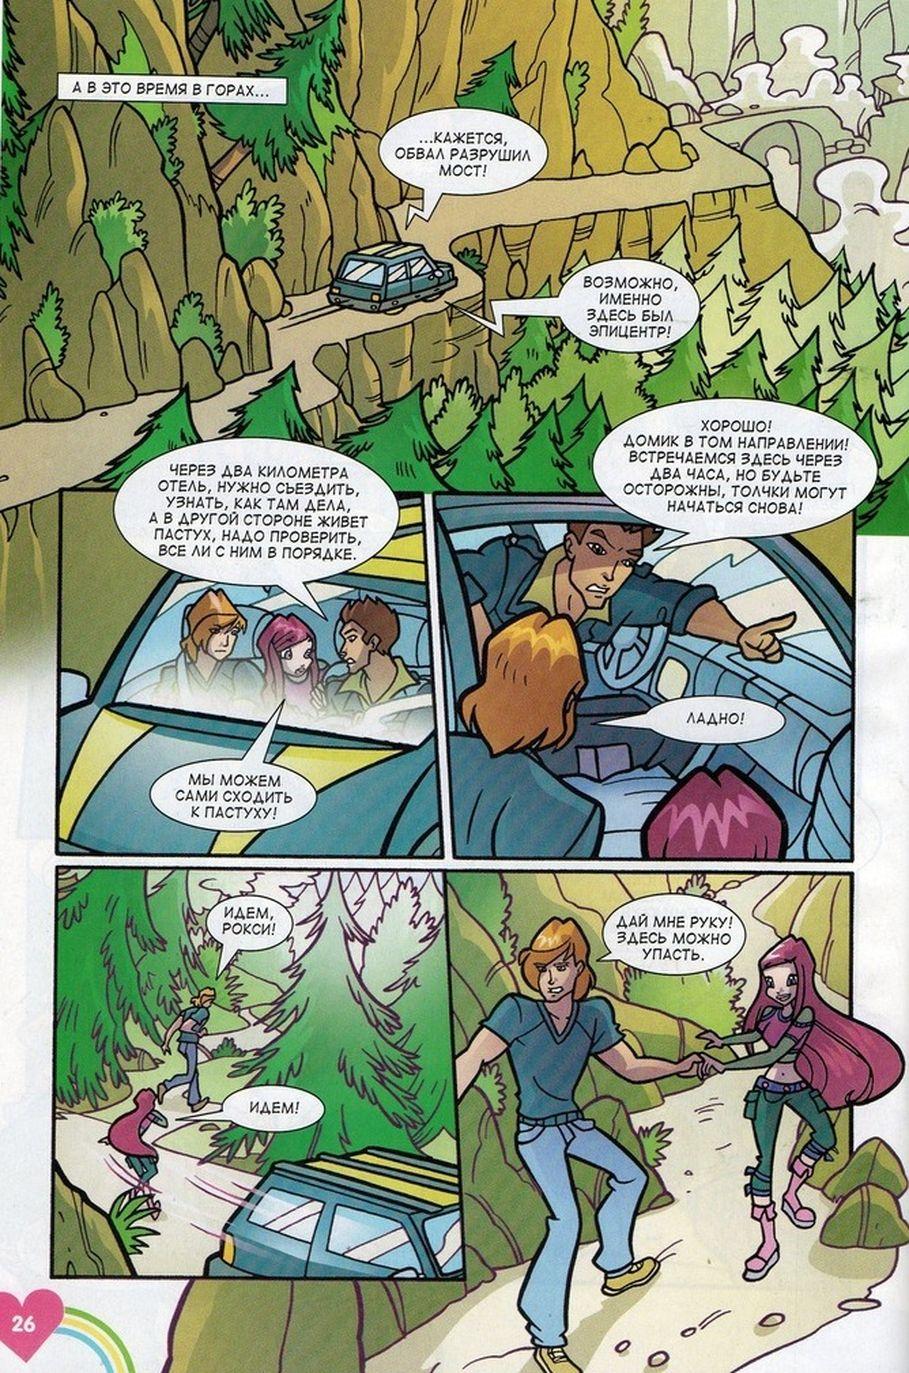 Комикс Винкс Winx - Каменные великаны (Журнал Винкс №11 2011) - стр. 23